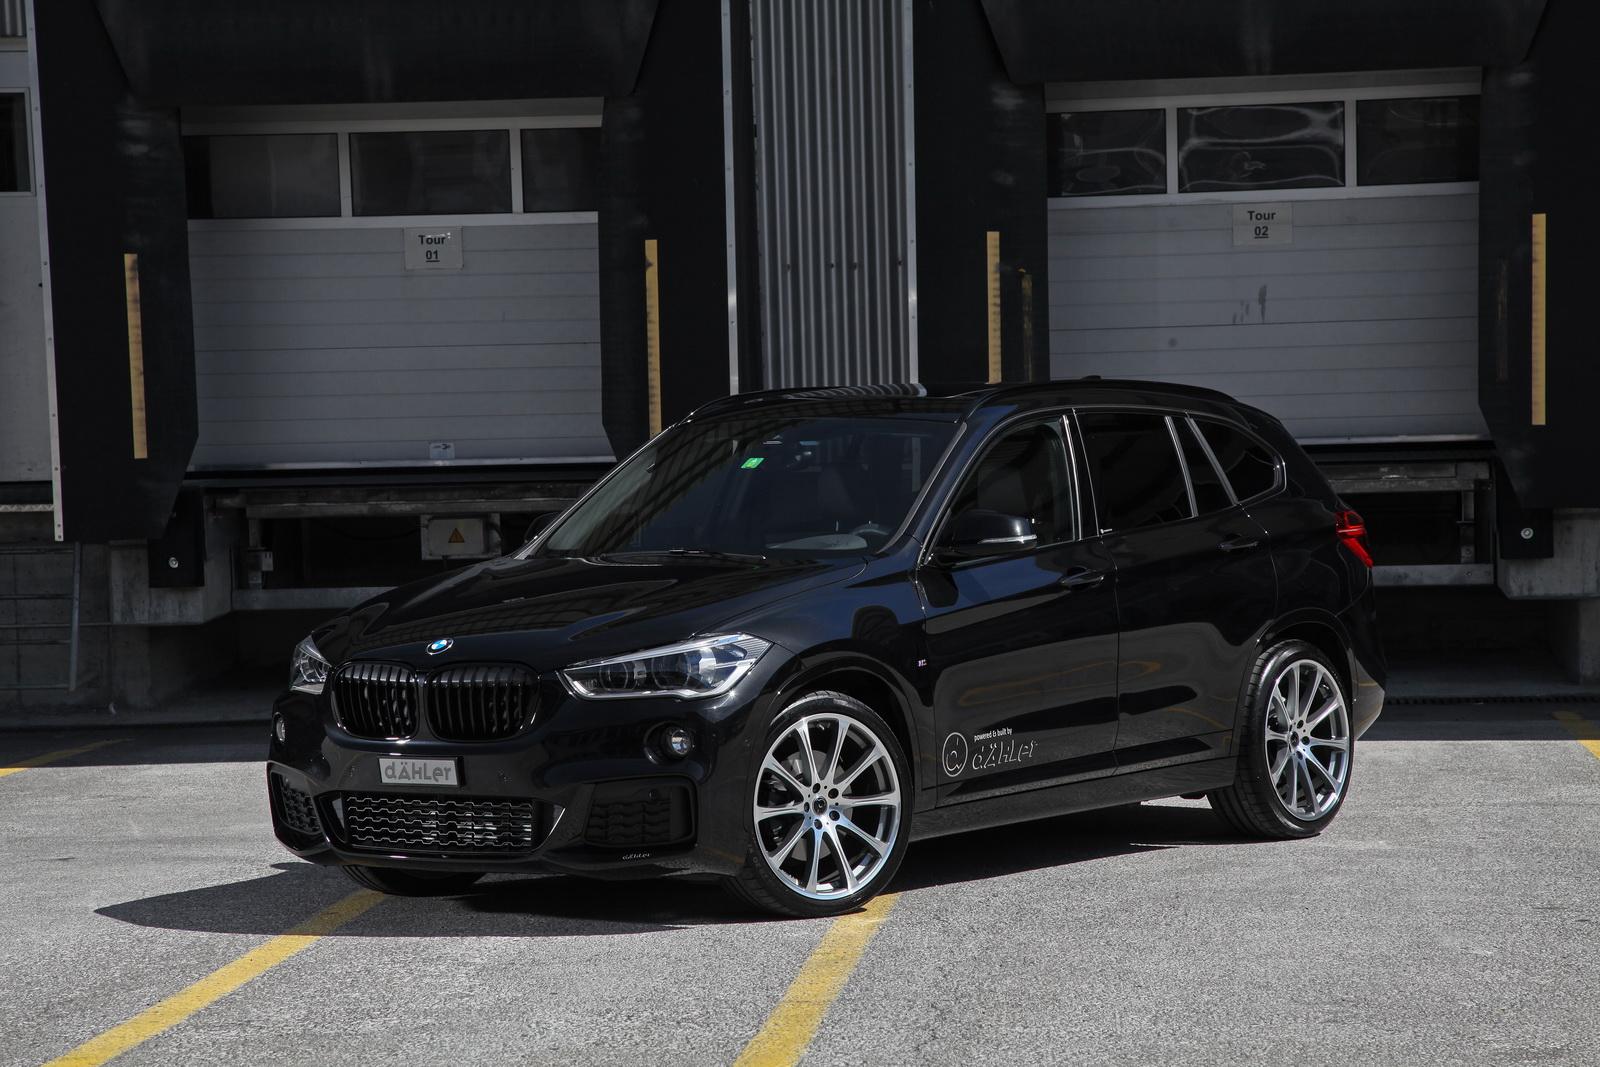 Немецкое тюнинг-ателье Dahler объявило о создании пакетов улучшений для актуального поколения кросса BMW X1 в различных версиях